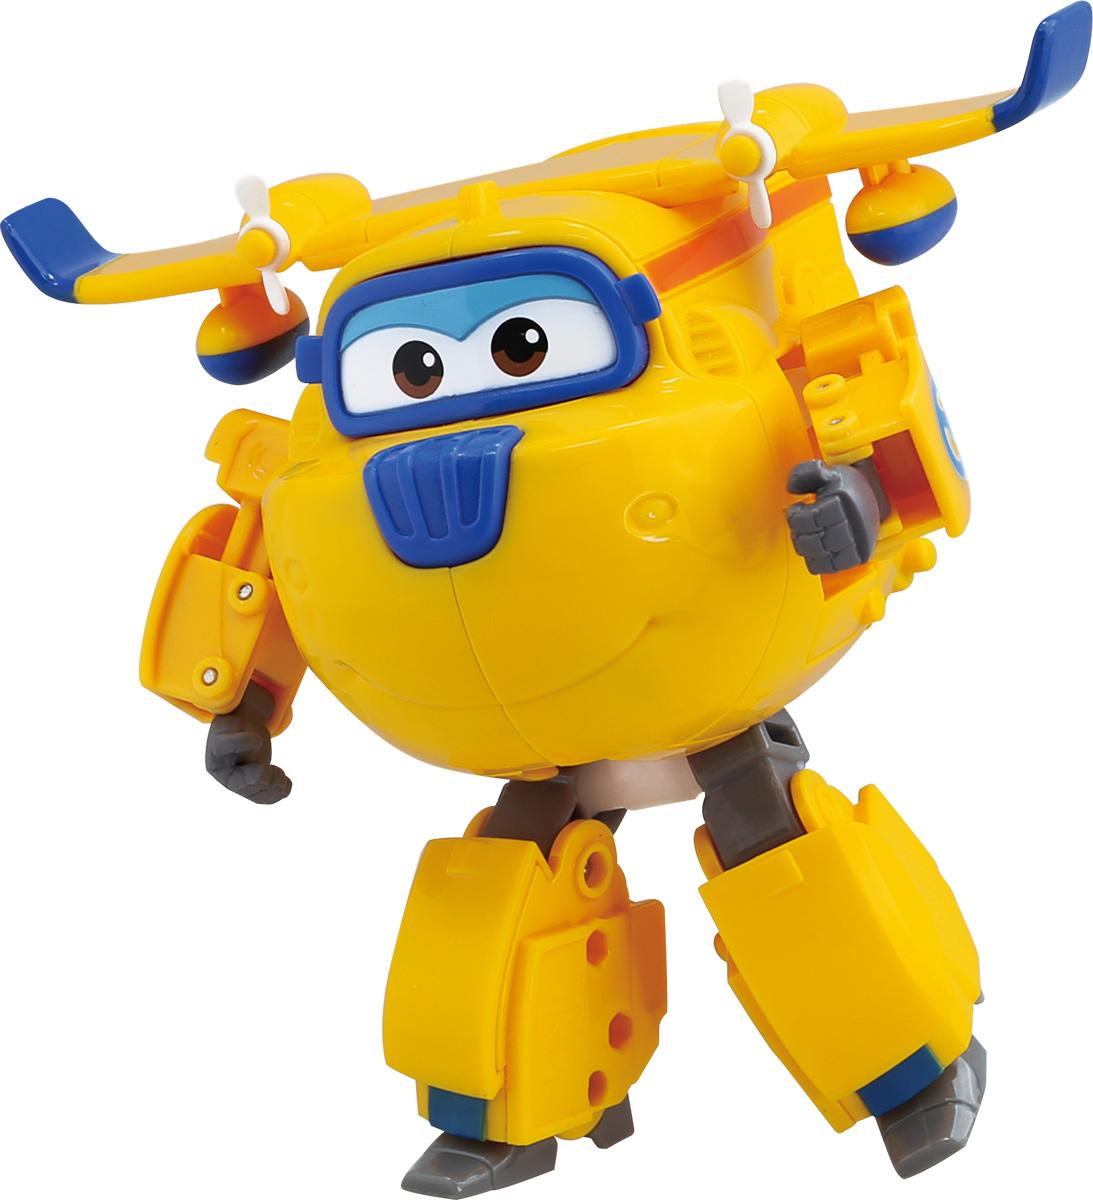 Super Wings Трансформер ДонниYW710220Игрушка - трансформер Донни надолго займет внимание вашего ребенка. Игрушка выполнена из безопасного пластика в виде самолета по имени Донни, полностью повторяющего персонажа популярного мультсериала «Super Wings». Ваш ребёнок сможет всего за 10 шагов превратить самолет в робота и обратно. Джетт, Донни, Диззи, Джером и Пол доставляют ценные посылки мальчикам и девочкам в любую точку земного шара. Отважные герои учат ребят находить решения для непростых задач: от лепки китайских пельменей до спасения людей от извержения гавайского вулкана. Шасси самолетика свободно вращаются, двери трансформируются в руки, а ноги робота легко выдвигаются из хвостовой части и убираются обратно. Что бы ни произошло: «Донни справится с этим!». Эта игрушка непременно понравится вашему малышу, ведь она развивает любознательность, пространственное мышление, логику и мелкую моторику рук.